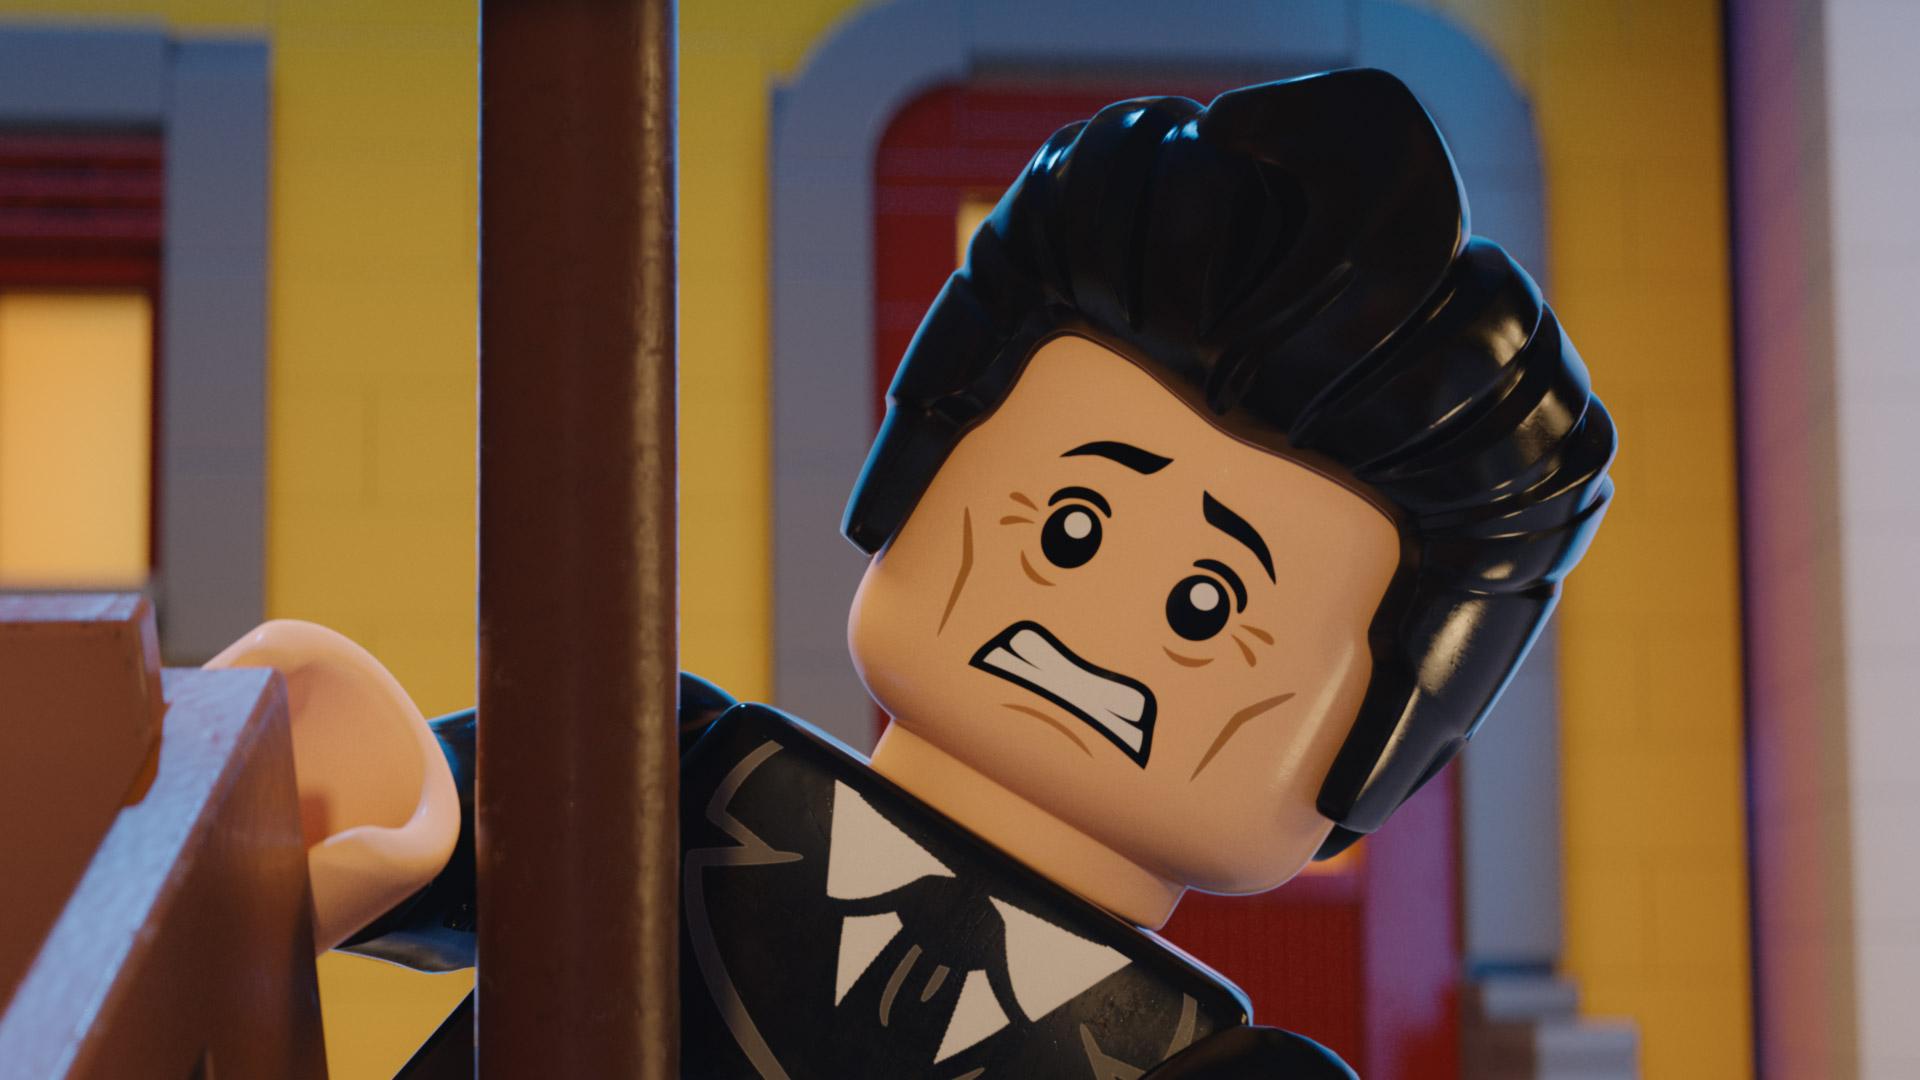 LEGO_OW_94306